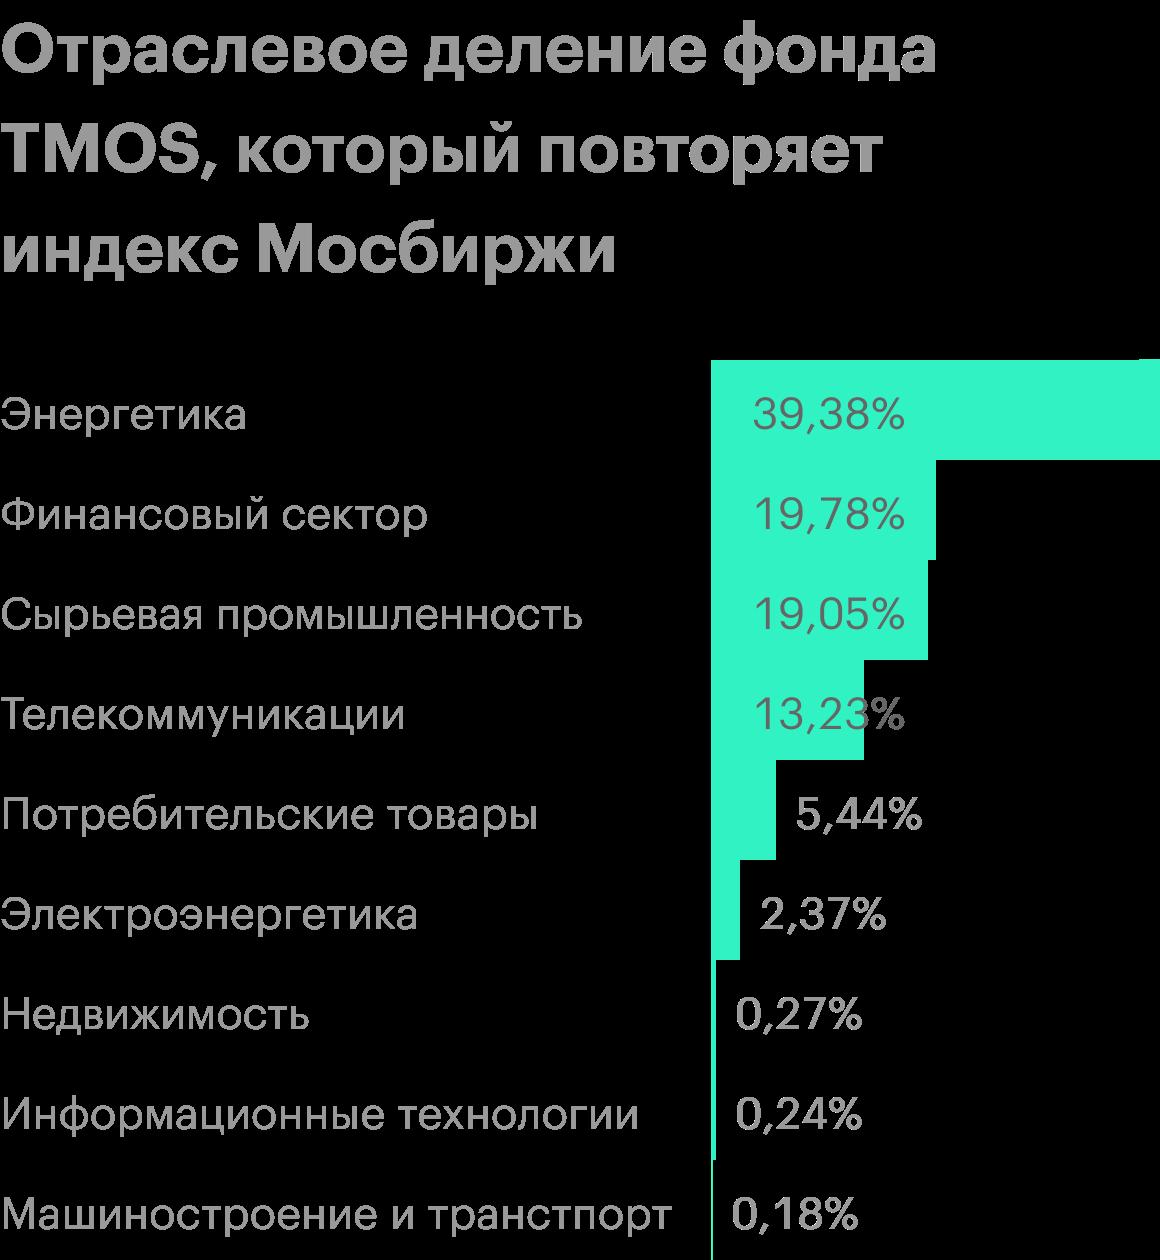 Виндексе 42компании, которые составляют 80% совокупной капитализации российского фондового рынка. Он отражает характер российской экономики